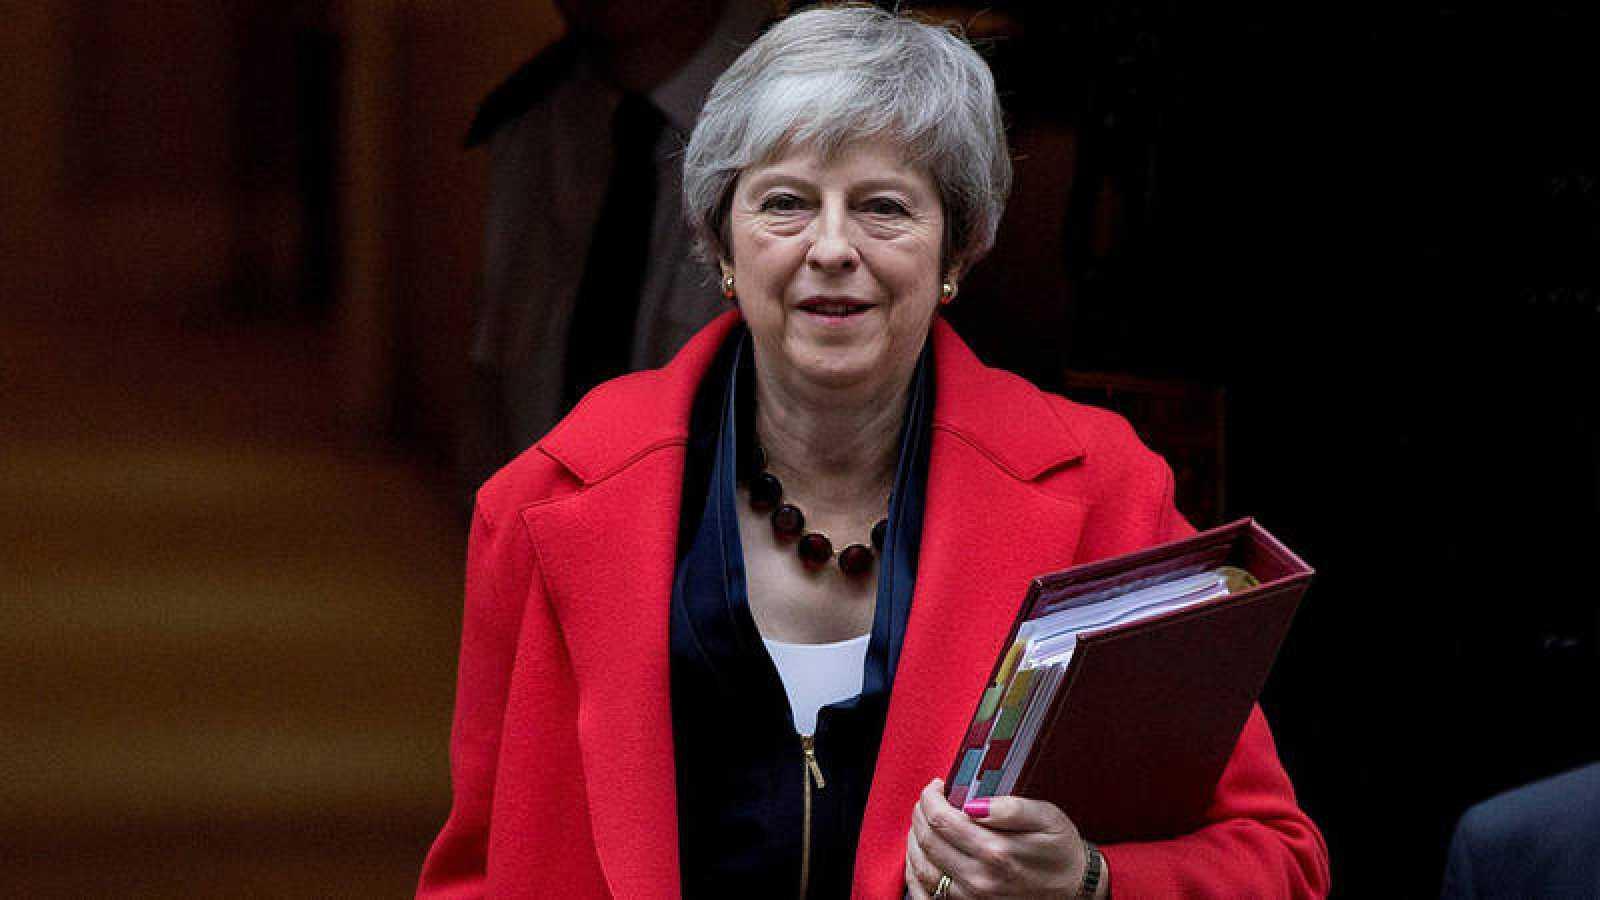 La primera ministra británica, Theresa May, abandona el número 10 de Downing Street para acudir a la sesión de control en el Parlamento en Londres (Reino Unido). EFE/Rick Findler